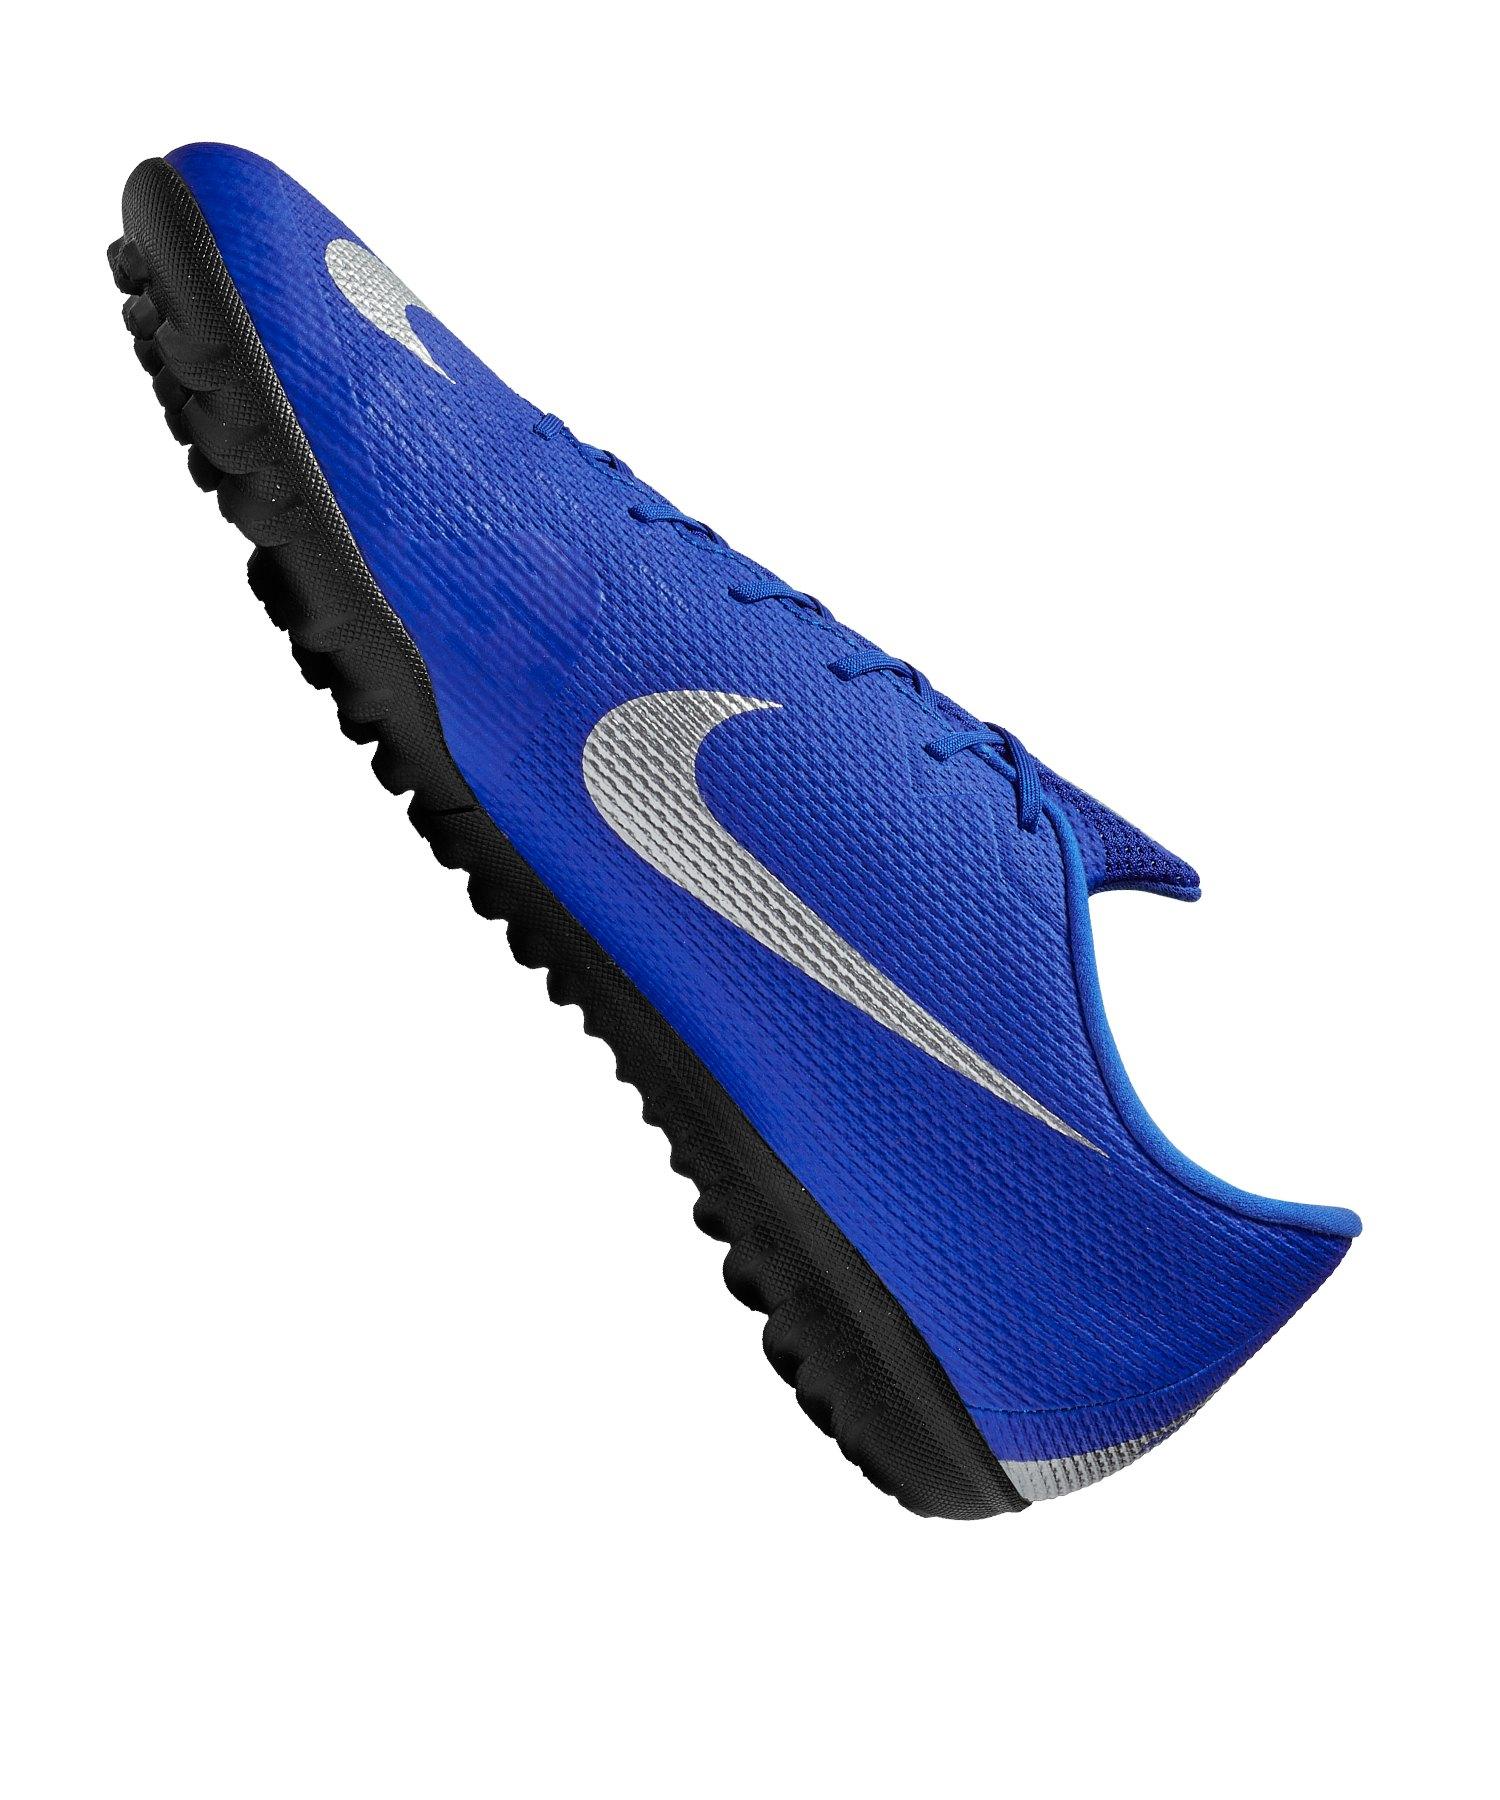 innovative design 3b411 af425 ... Nike Mercurial VaporX XII Academy TF Blau F400 - blau ...